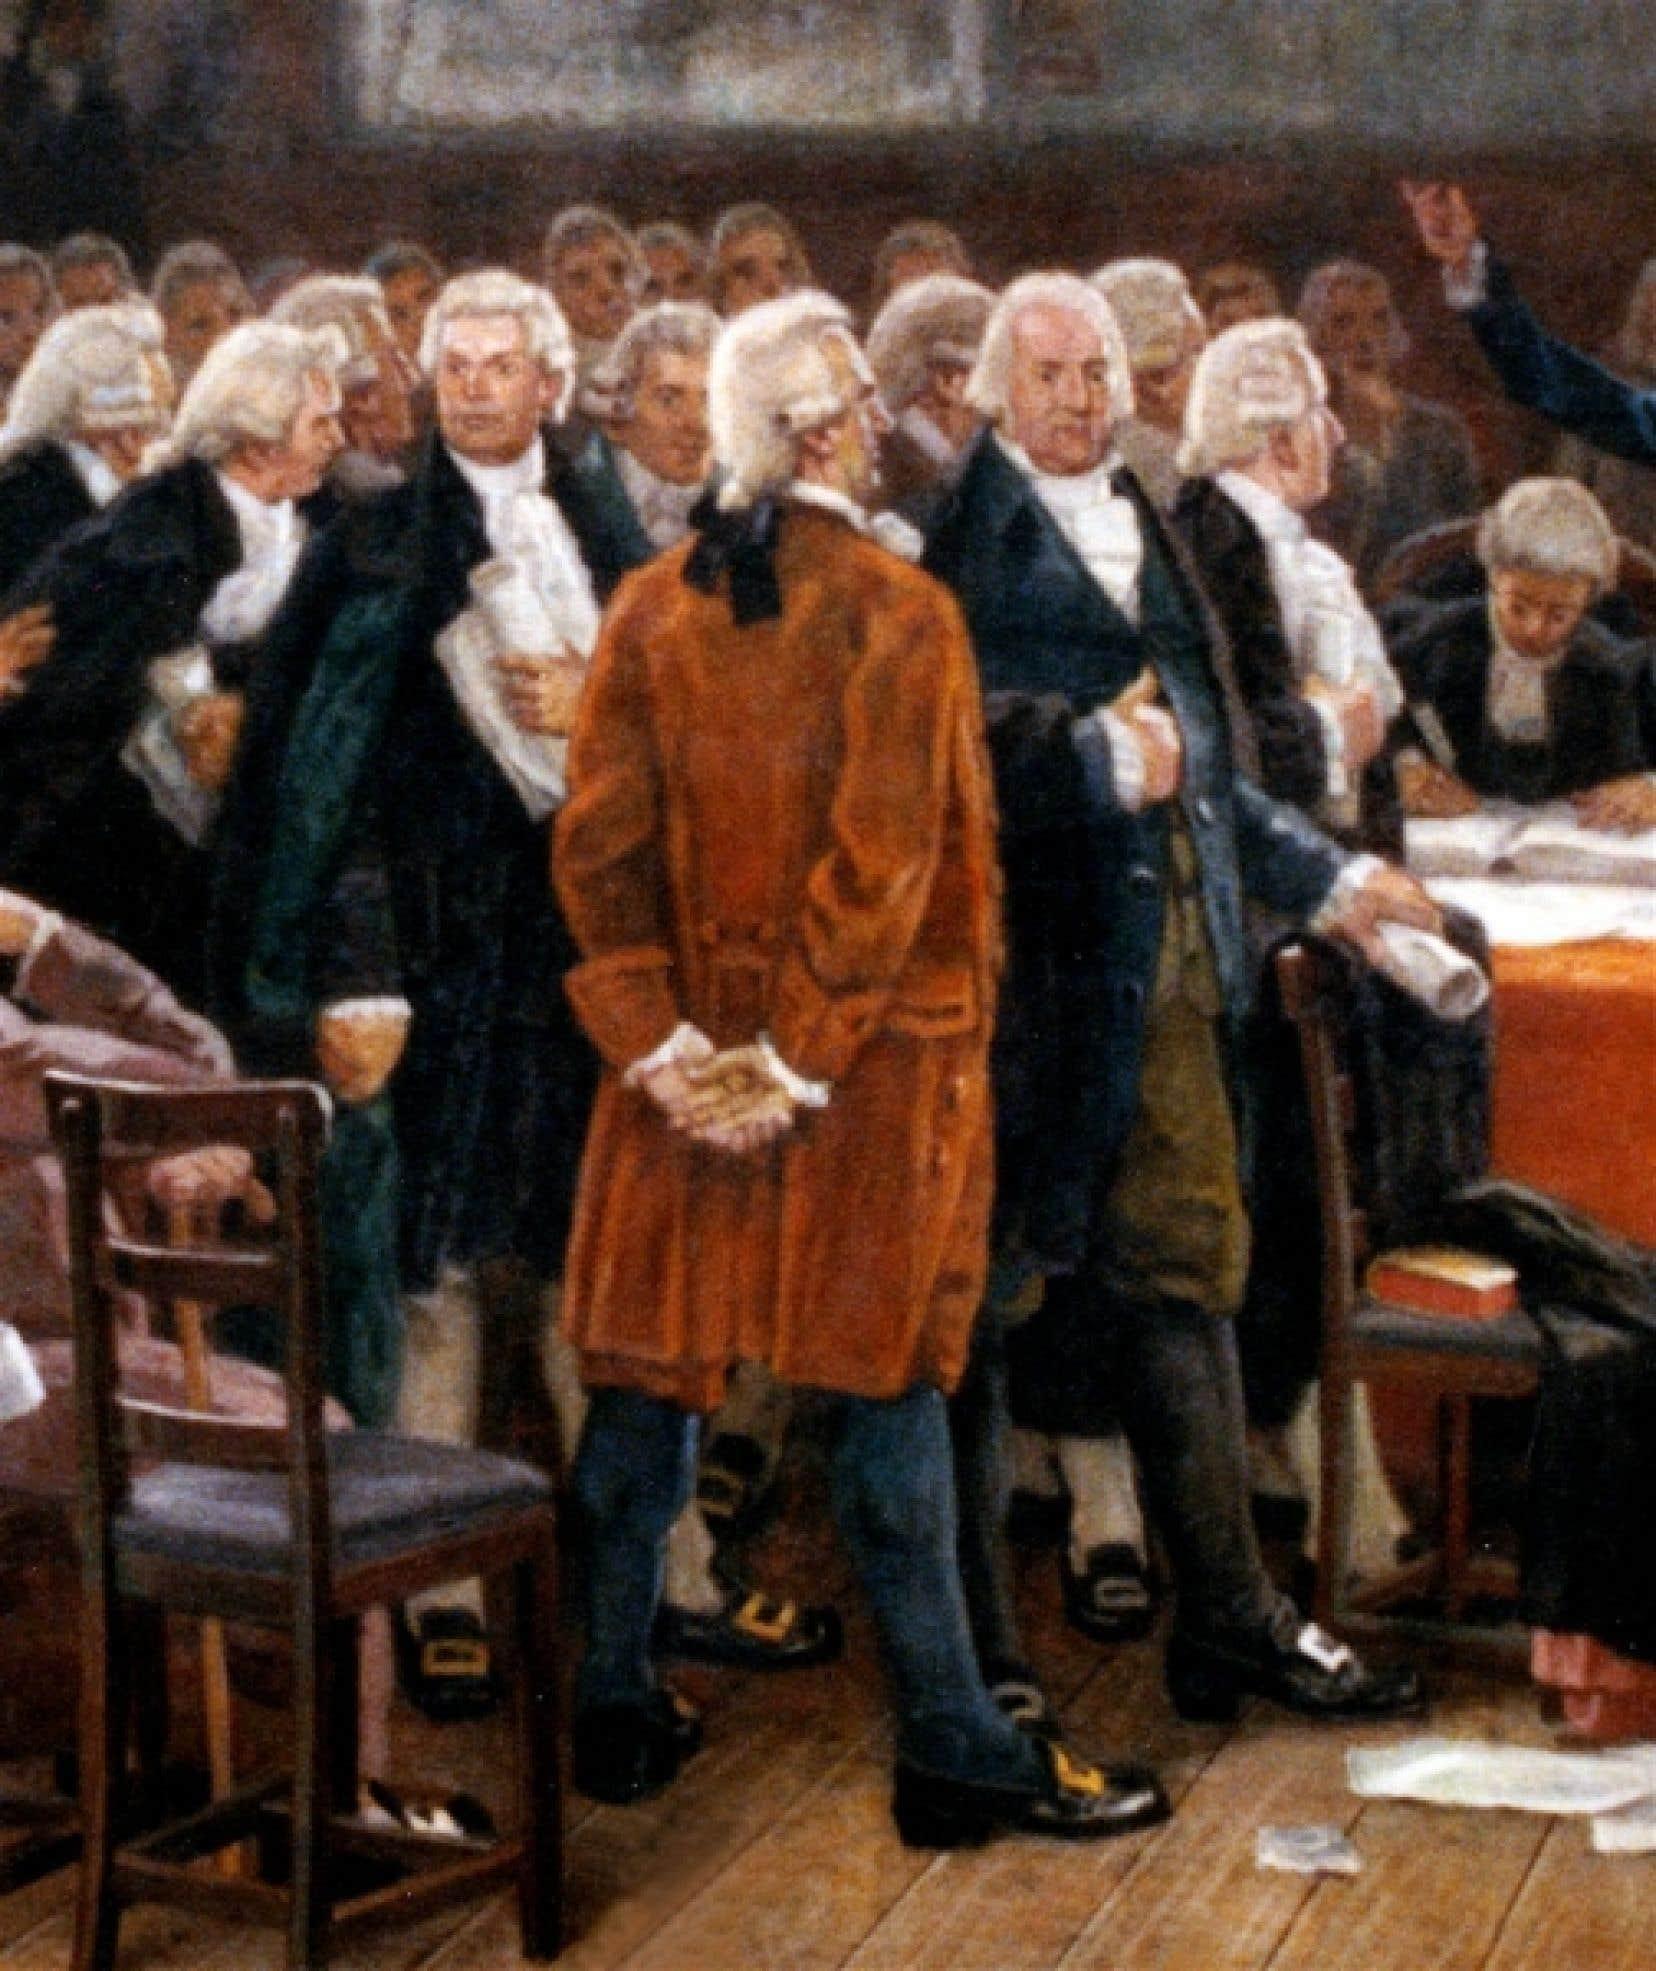 De profil, avec une redingote brun-rouge, Pierre-Stanislas Bédard, comme imaginé par le peintre Charles Huot en 1913, dans son grand tableau Le Débat des langues, qui se trouve au Salon bleu.